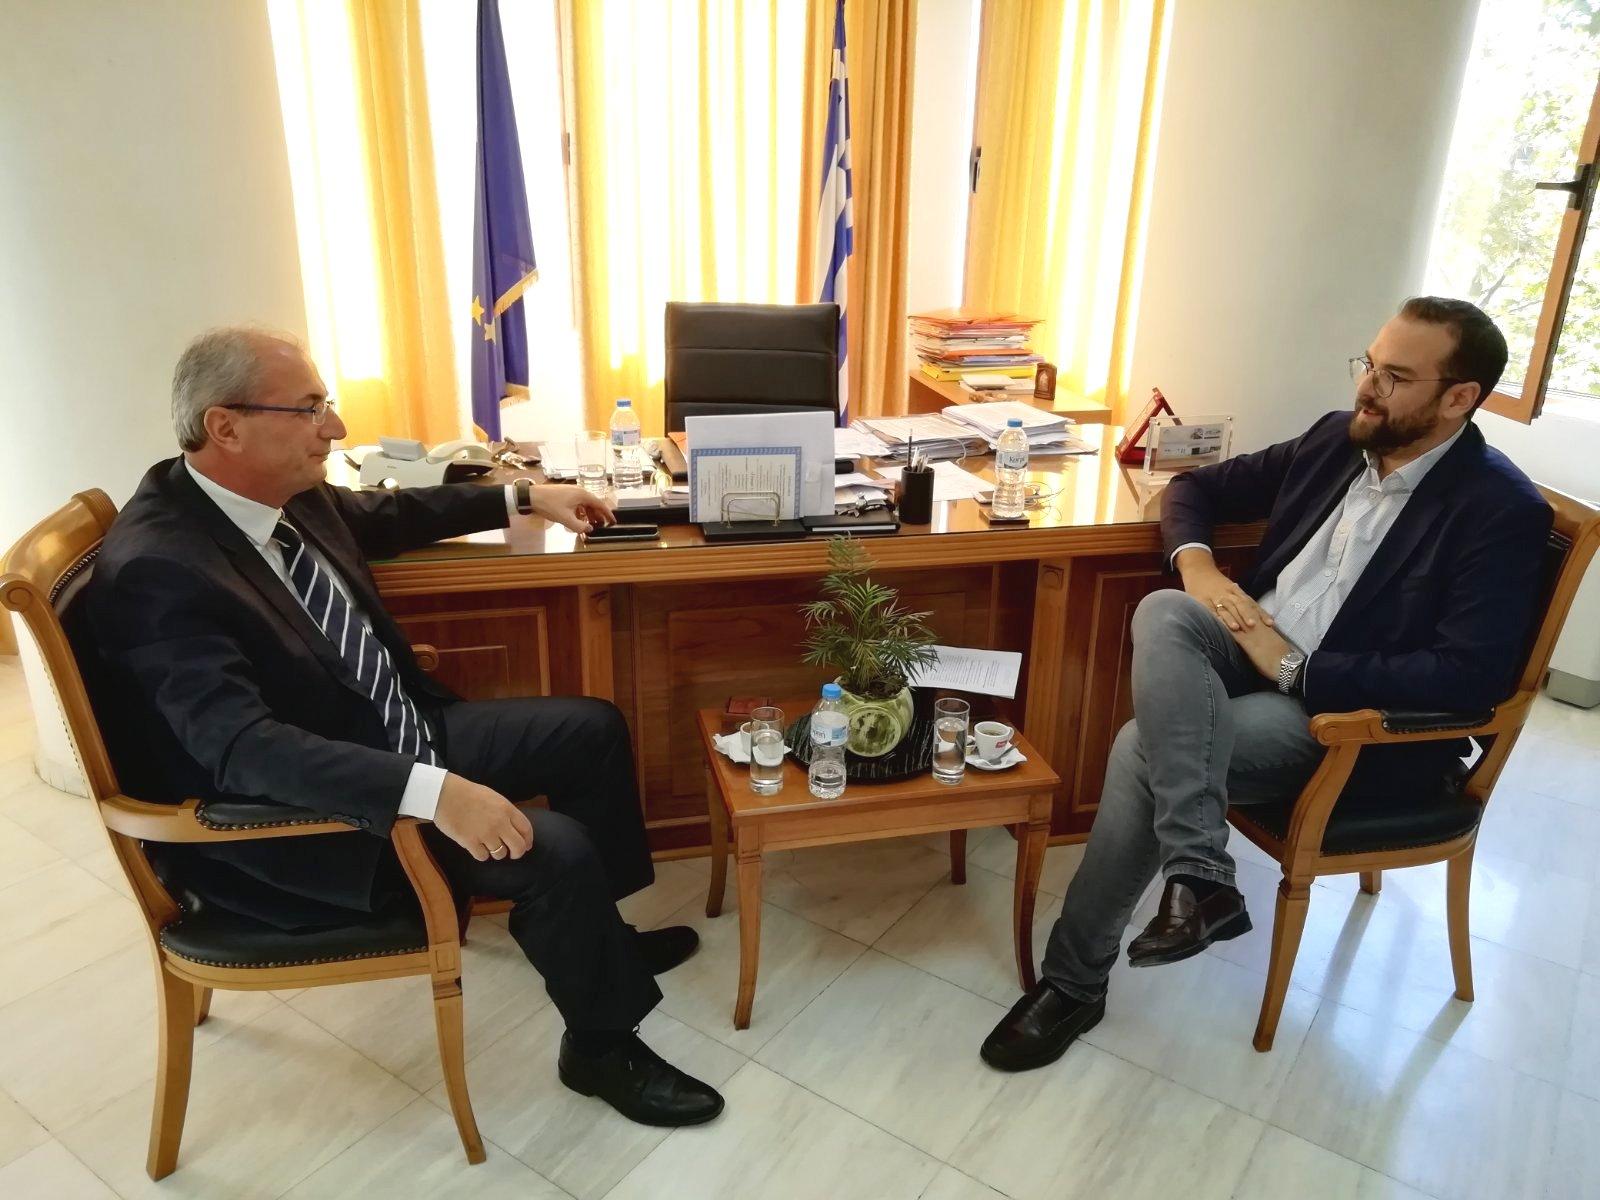 ΠΔΕ: Ο Νεκτάριος Φαρμάκης στους Δήμους Αγρινίου και Θέρμου